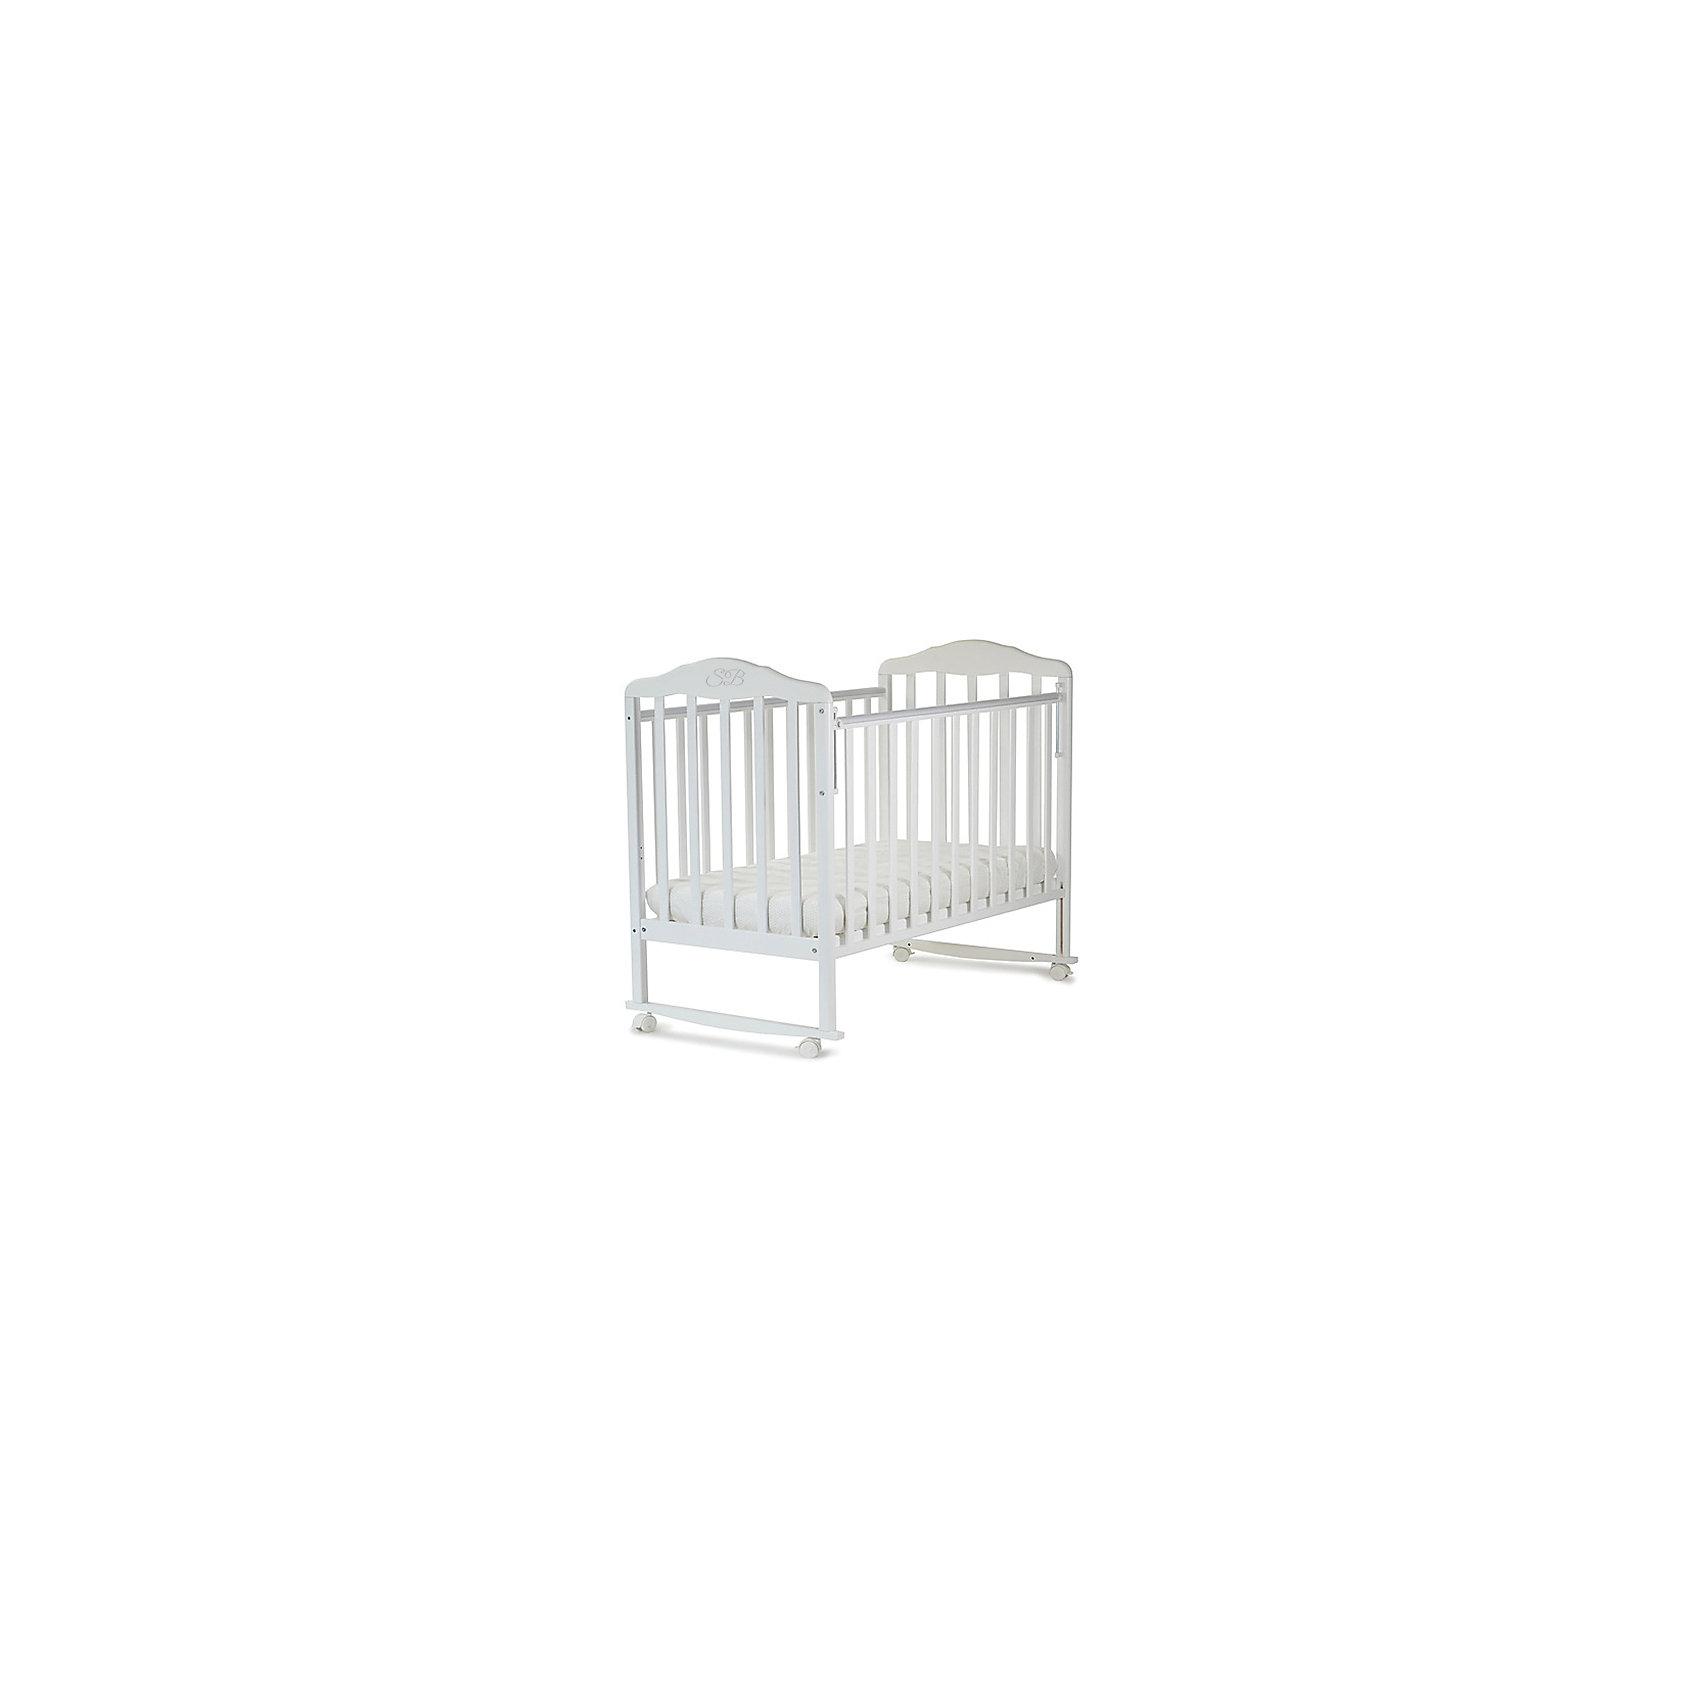 Кроватка Lorenzo Bianco, Sweet Baby, белый<br><br>Ширина мм: 710<br>Глубина мм: 150<br>Высота мм: 1240<br>Вес г: 19000<br>Возраст от месяцев: 0<br>Возраст до месяцев: 36<br>Пол: Унисекс<br>Возраст: Детский<br>SKU: 5583568